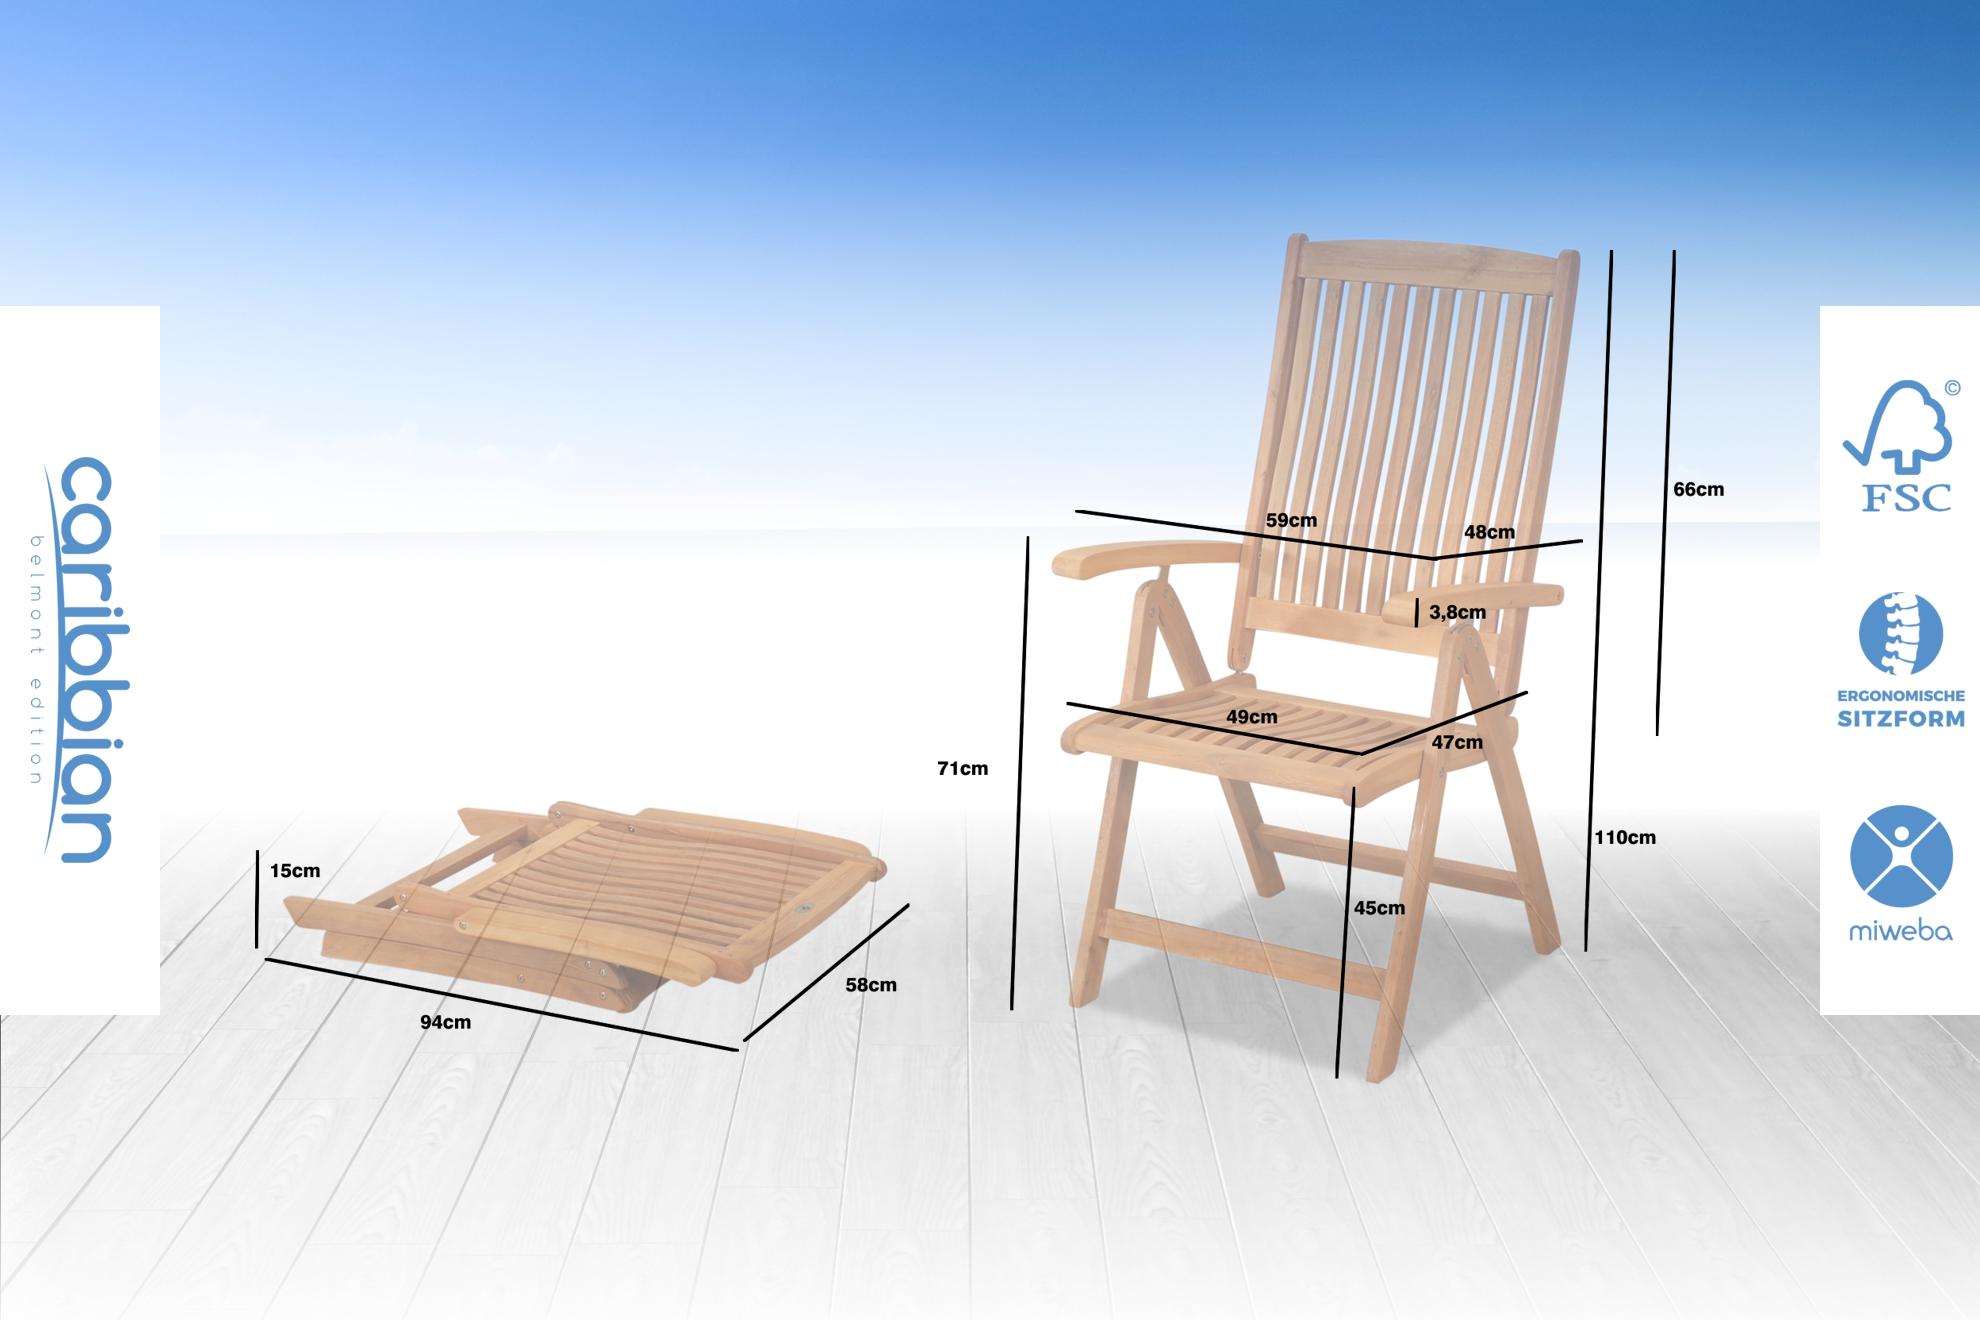 sitzgruppe belmont gartenset sitzgarnitur holz gartenm bel gartengarnitur tisch ebay. Black Bedroom Furniture Sets. Home Design Ideas